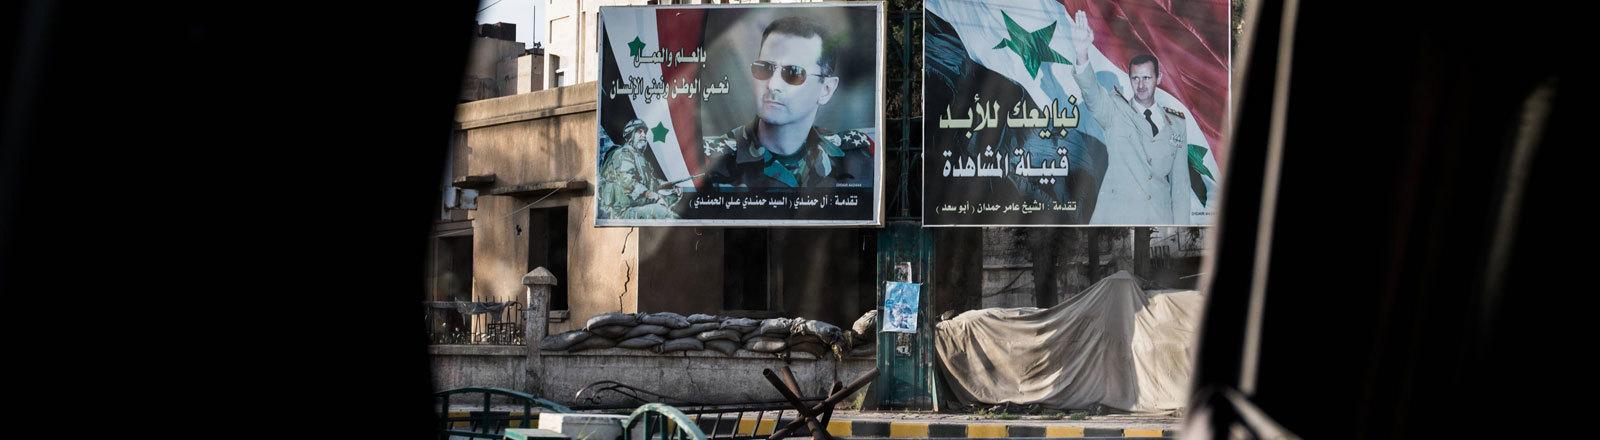 In der geteilten Stadt Qmischli. Kontrollposten mit Assad-Plakaten.